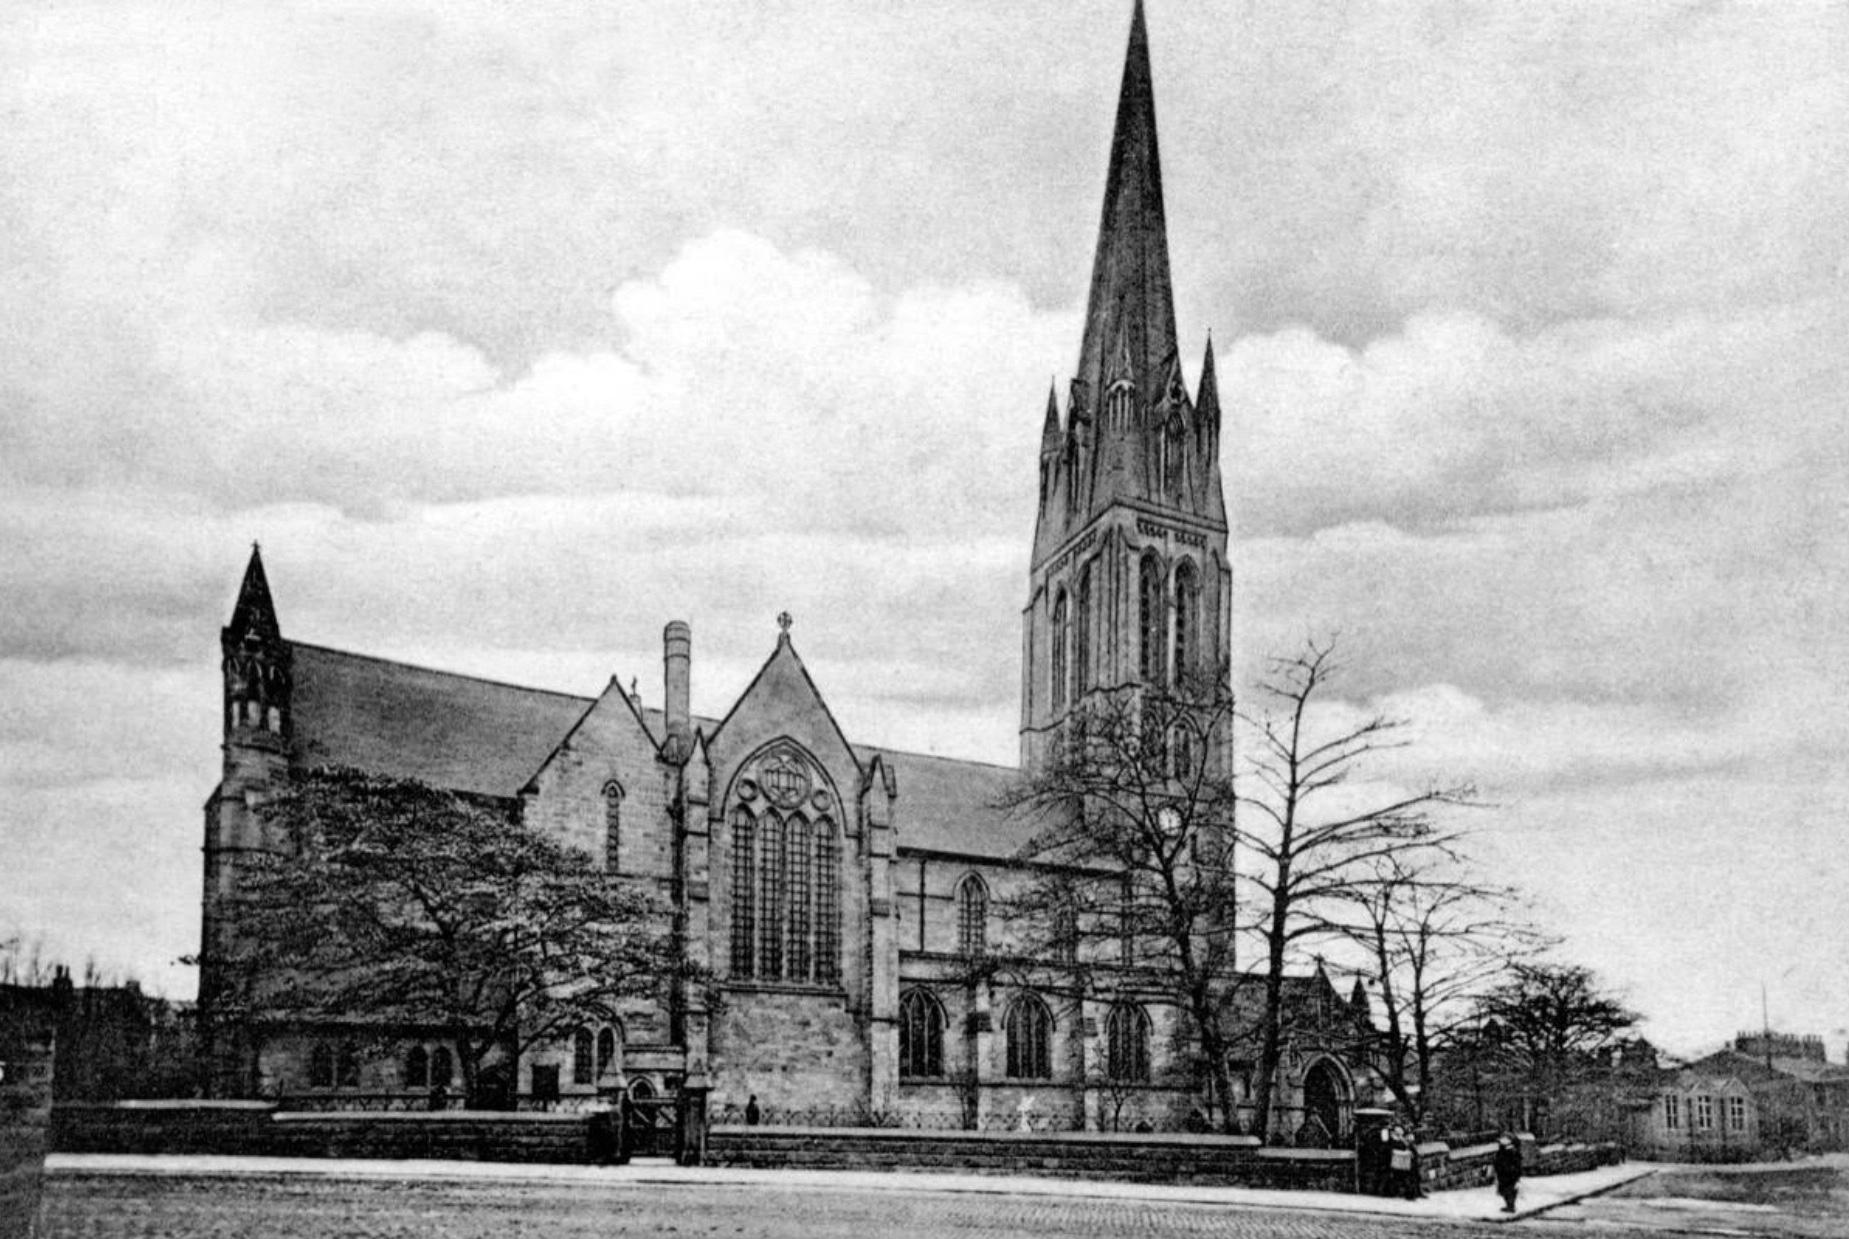 St Michael's Church, circa 1894